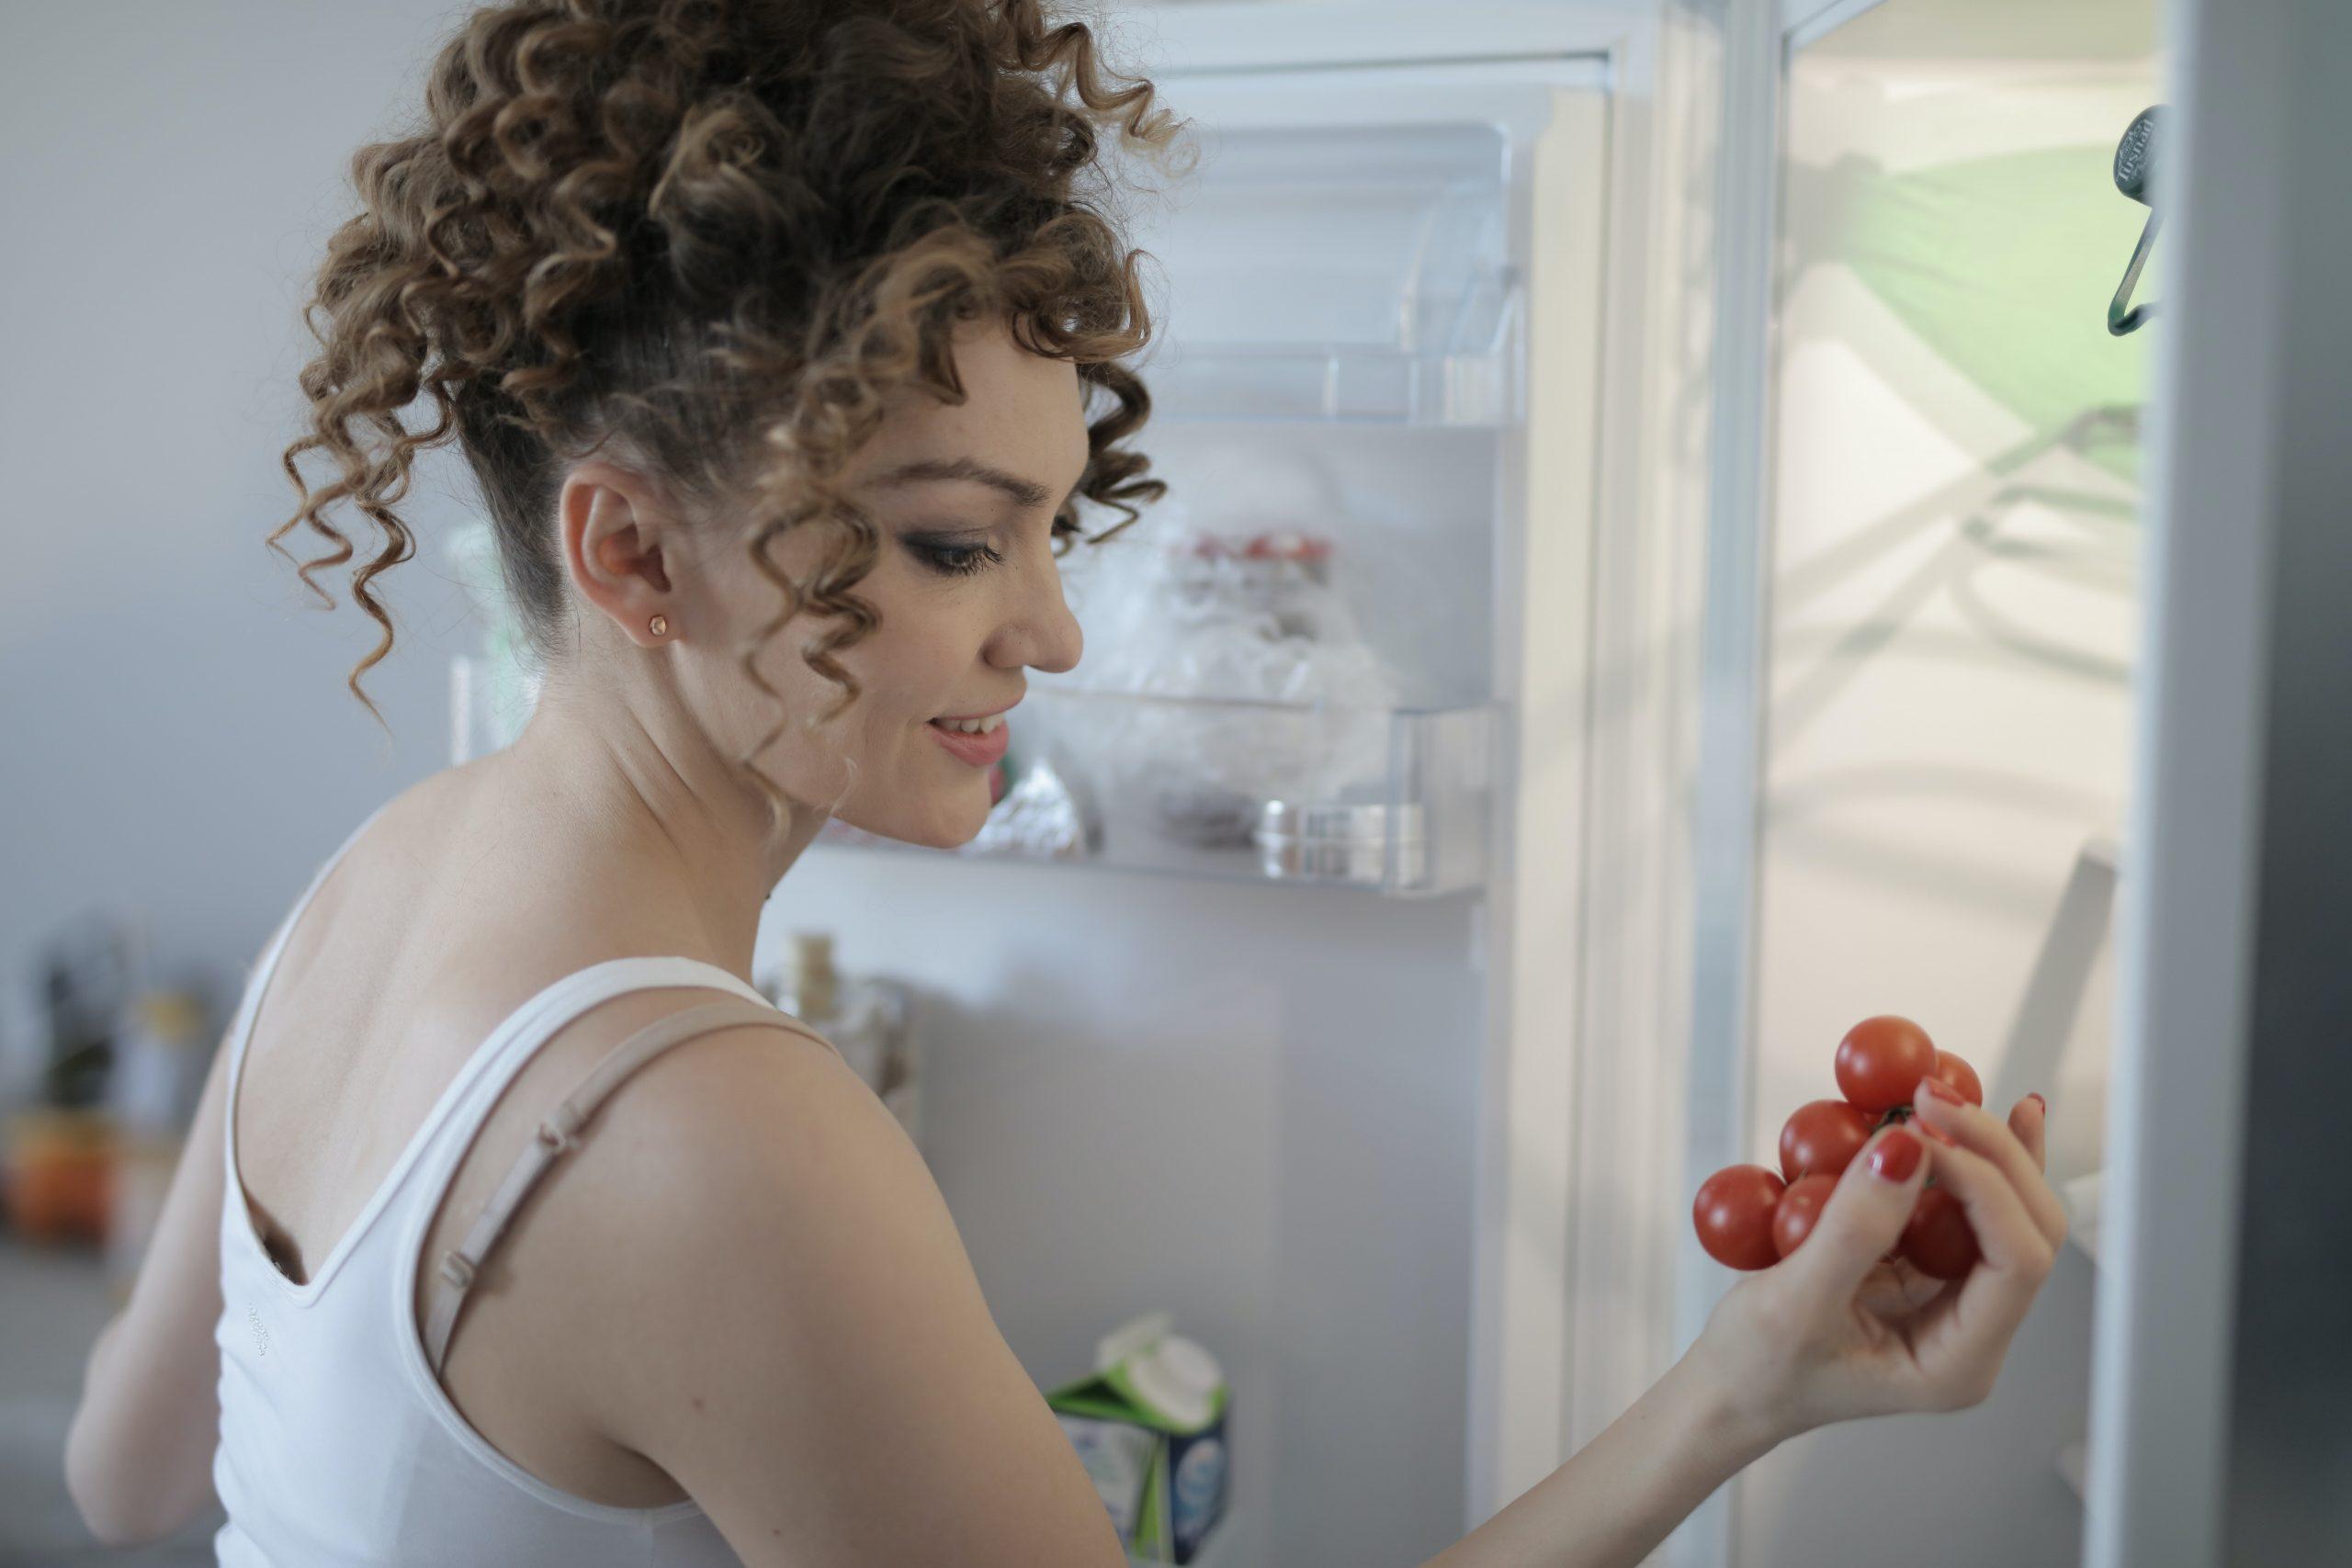 Imagem de uma mulher pegando tomates na geladeira.